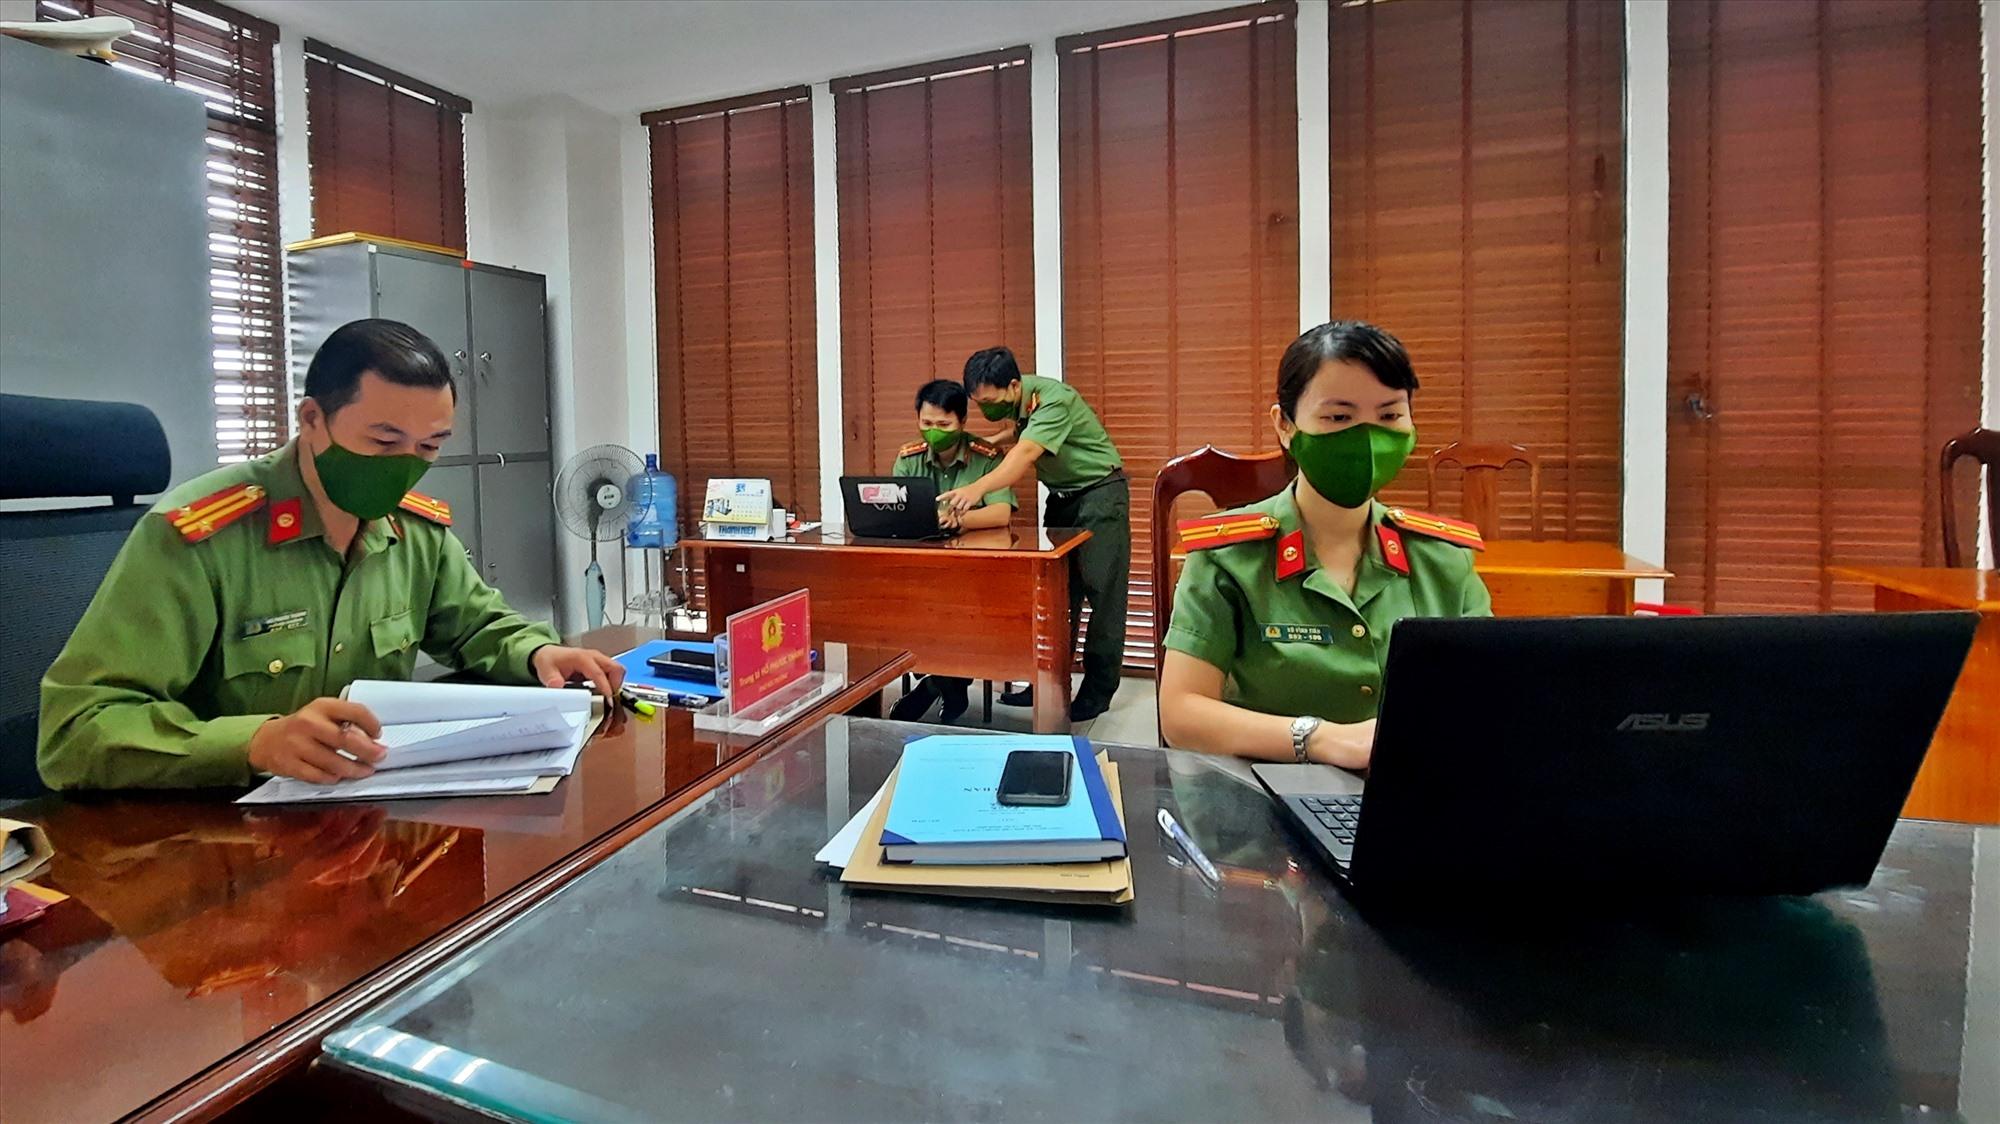 Công an tỉnh Quảng Nam sẽ tập trung phát triển fanpage thành kênh thông tin hữu ích, là giải pháp góp phần bảo vệ an ninh Tổ Quốc. Ảnh: Đ.Y